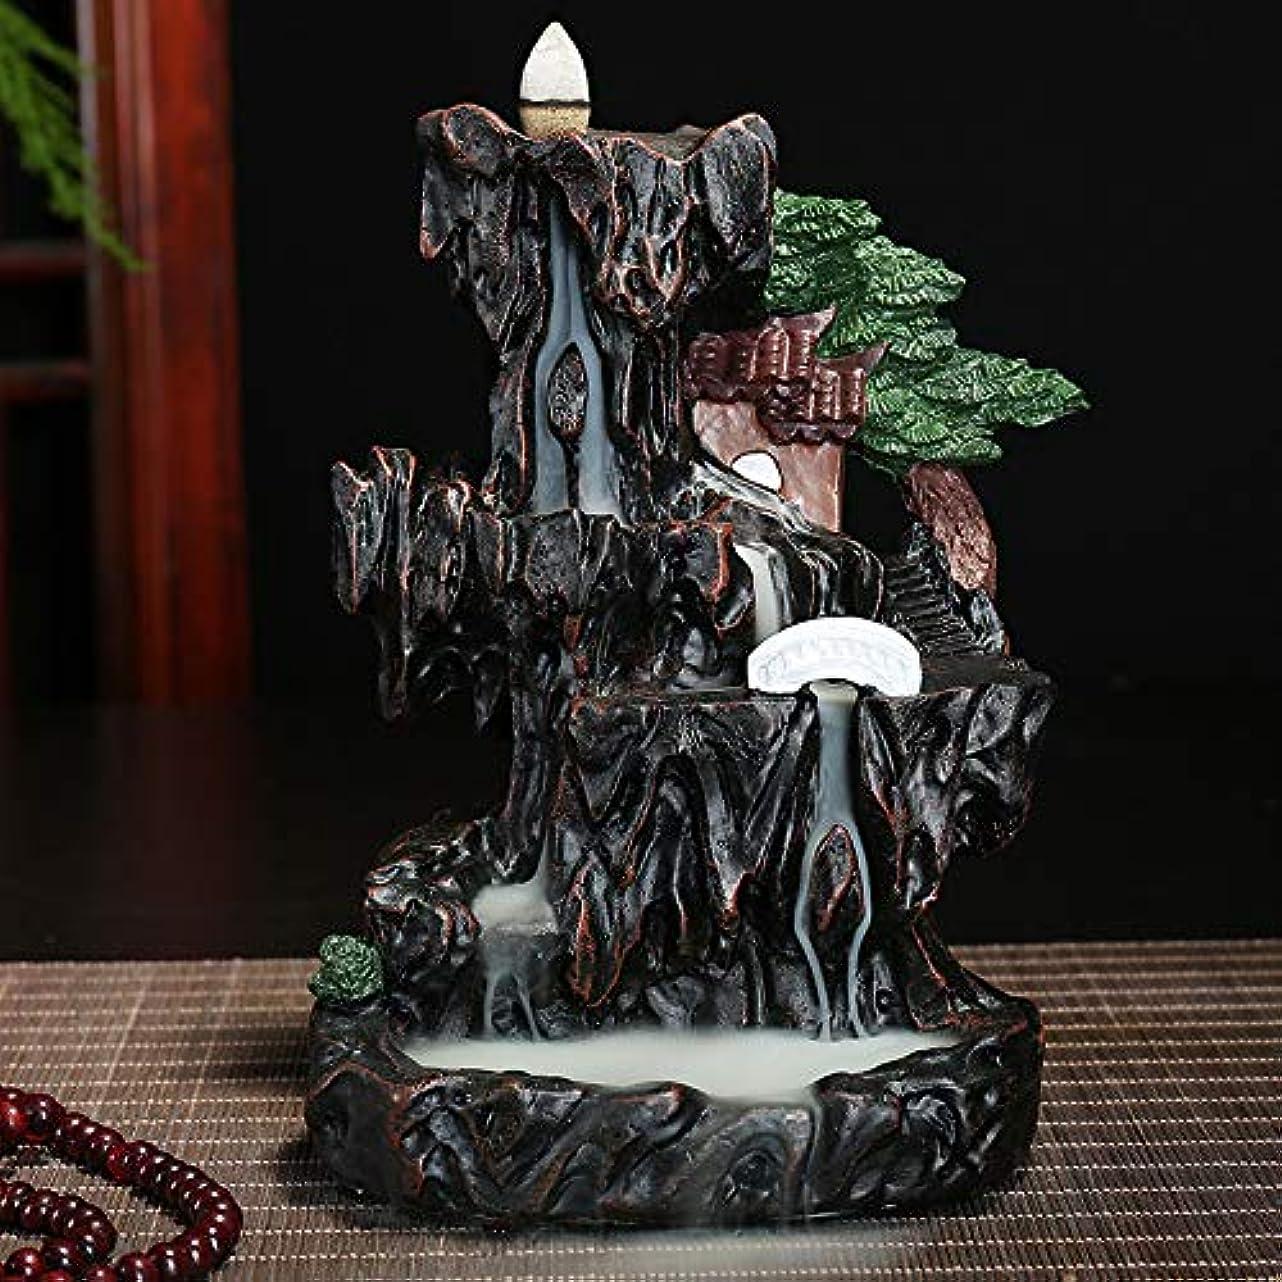 不可能な移動参照するPHILOGOD 香炉 樹脂材料マウンテンリバー風景逆流香炉 香皿 香立てホームデコレーション